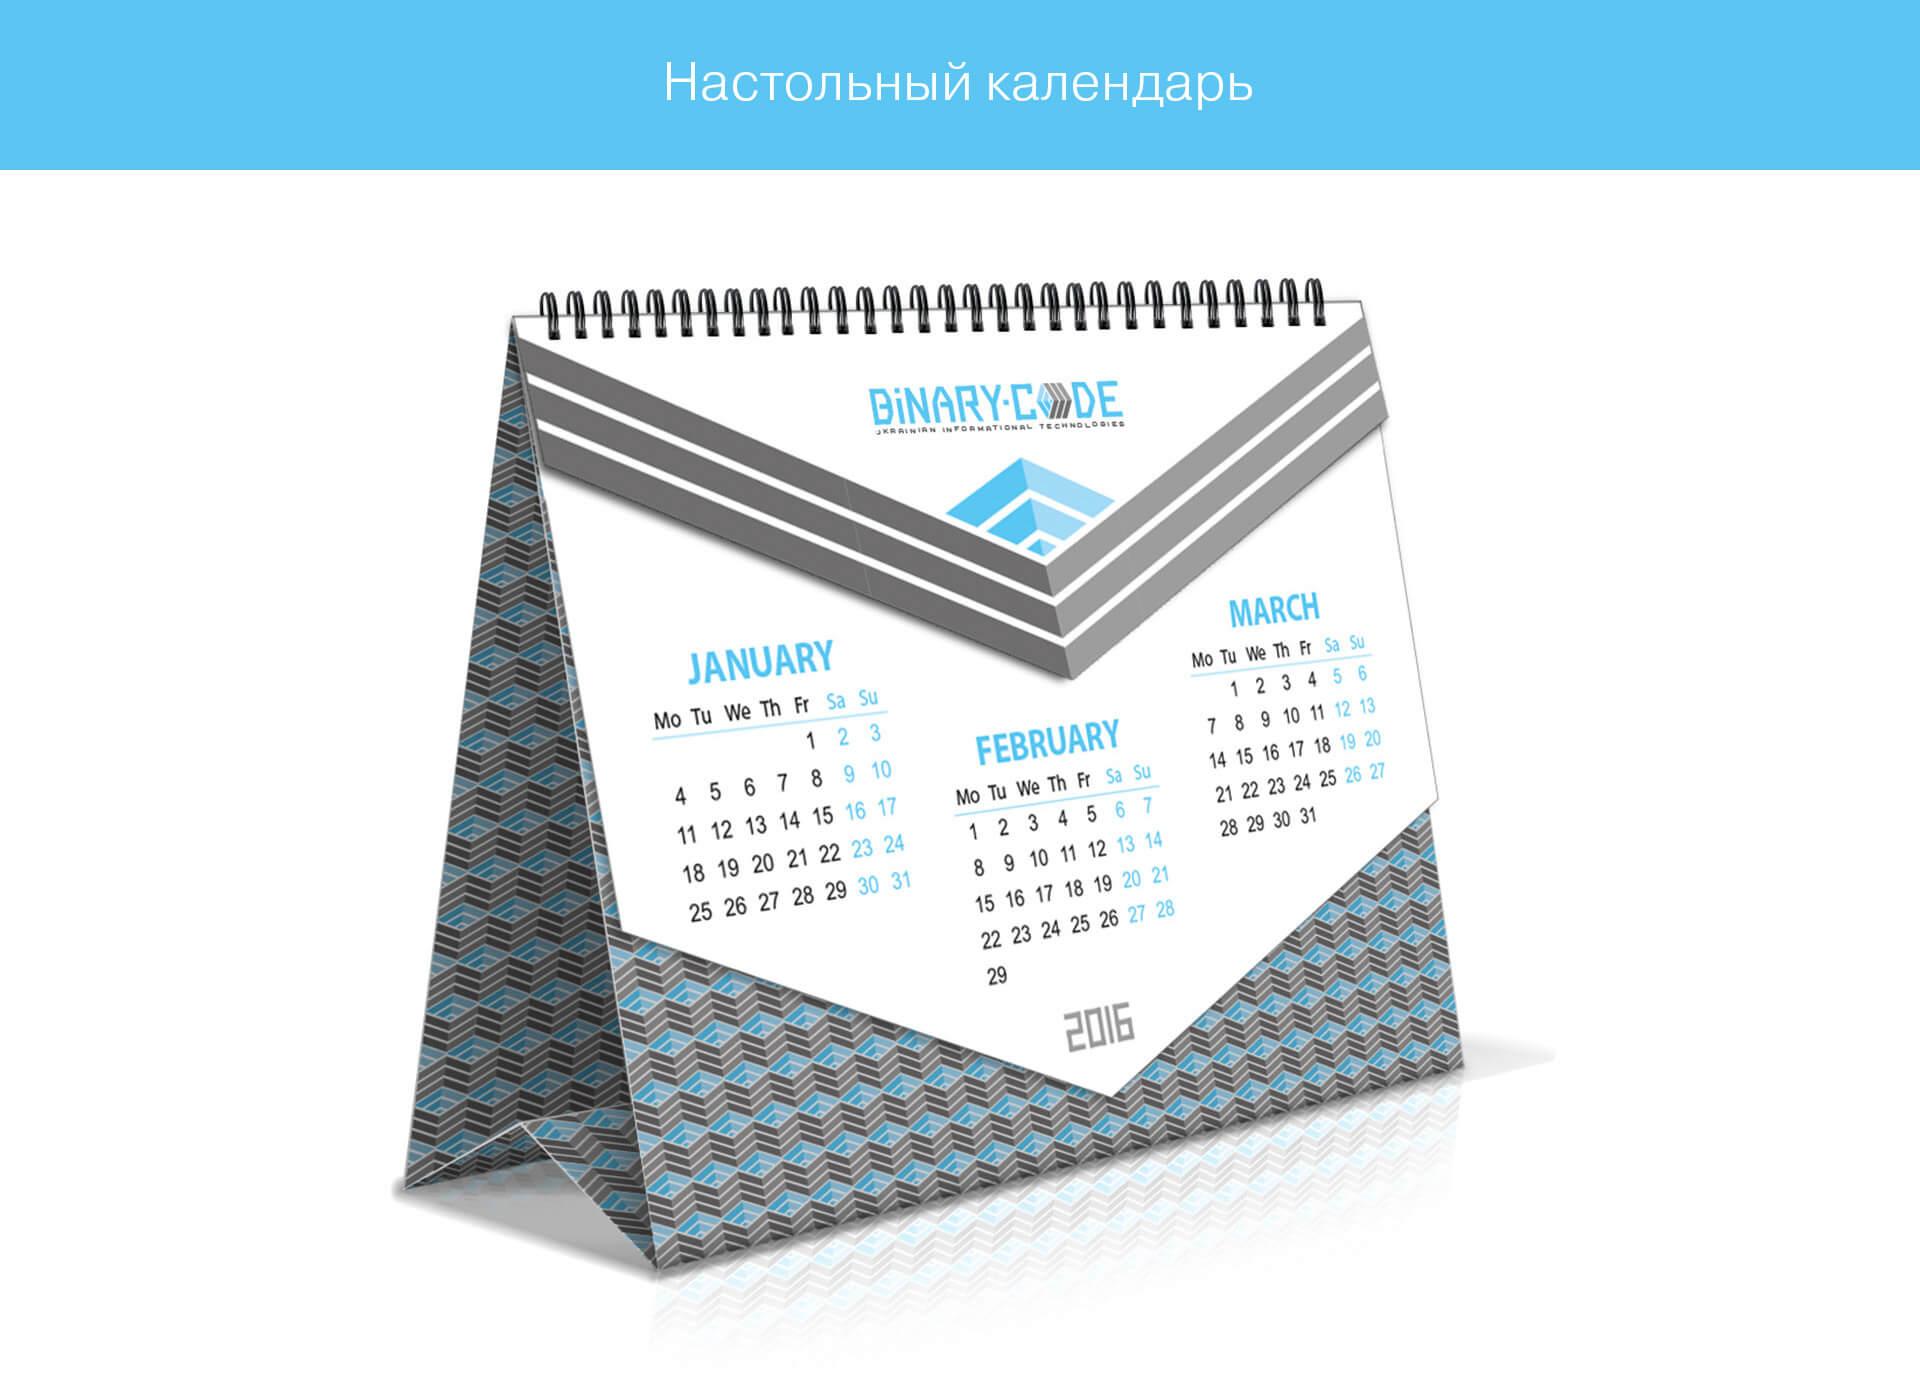 Разработка и создание дизайна настольного календаря  (брендинг) от Fantastic Imago брендиногове рекламное агентство